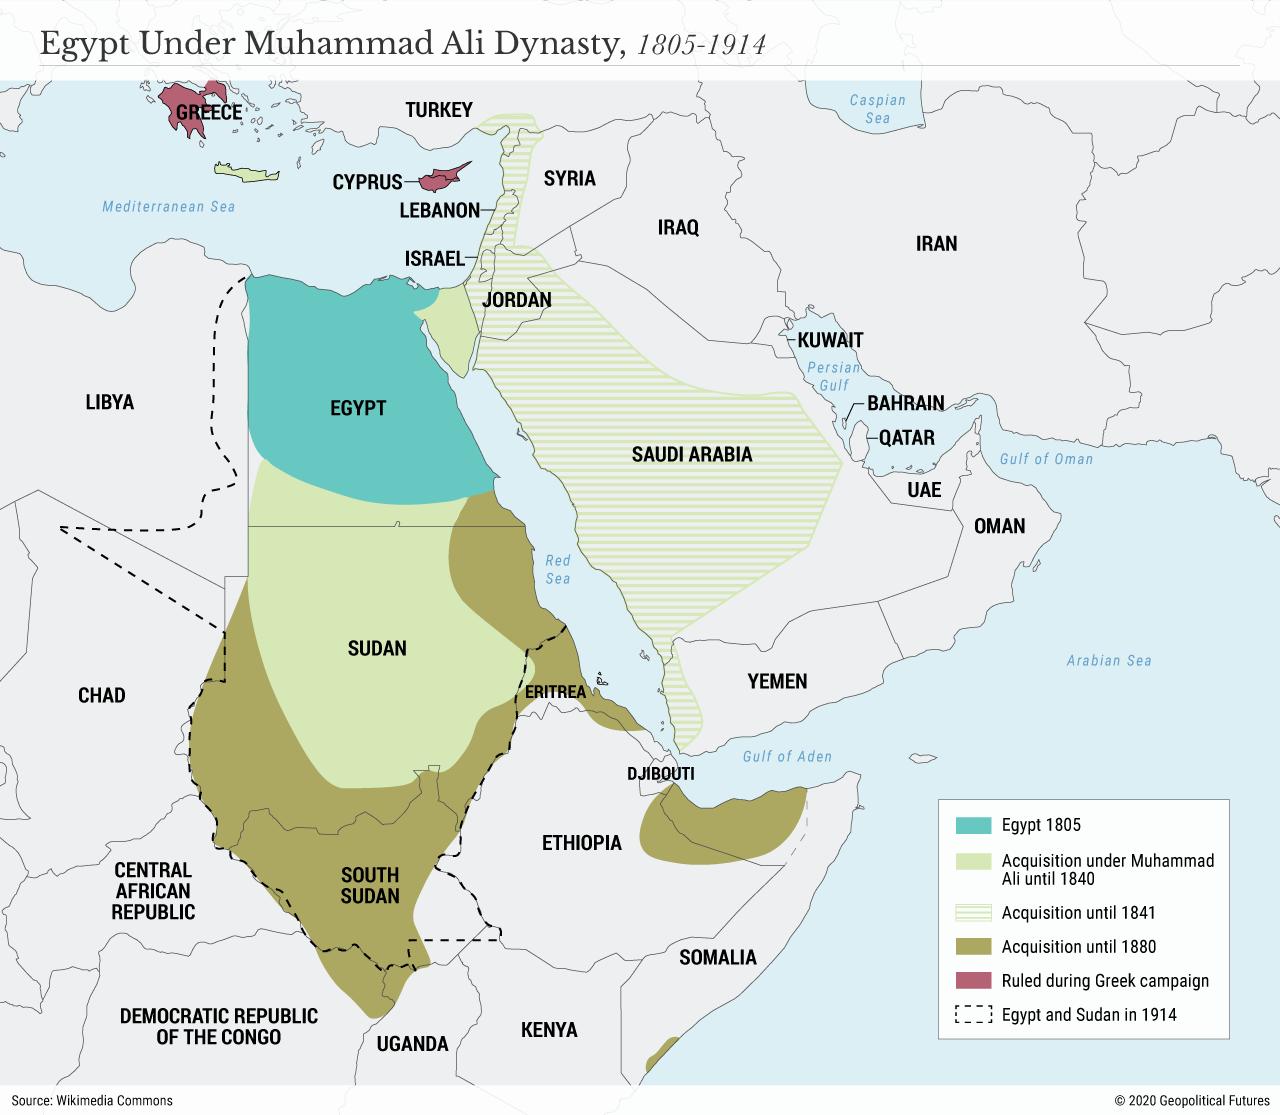 Egypt Under Muhammad Ali Dynasty, 1805-1914